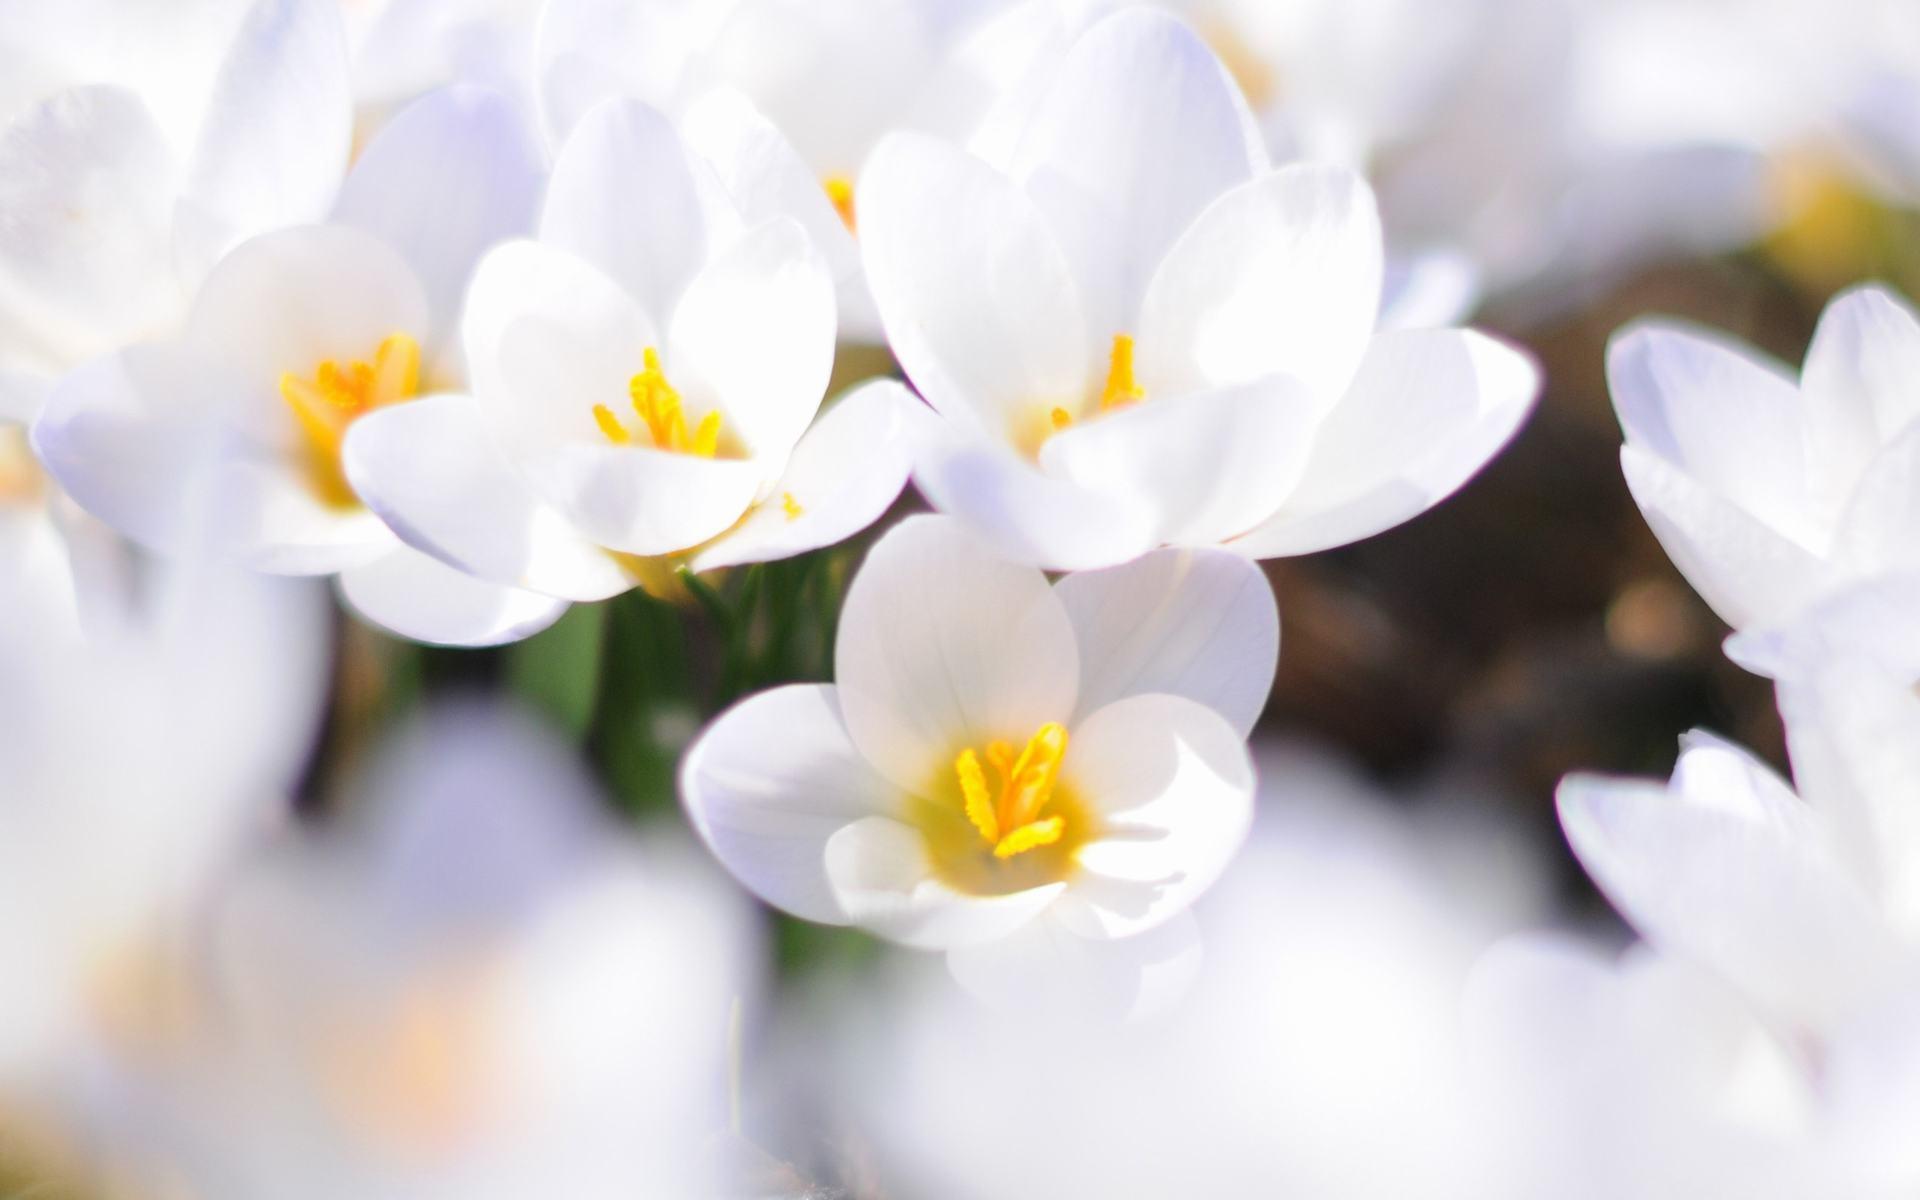 hình nền hoa màu trắng